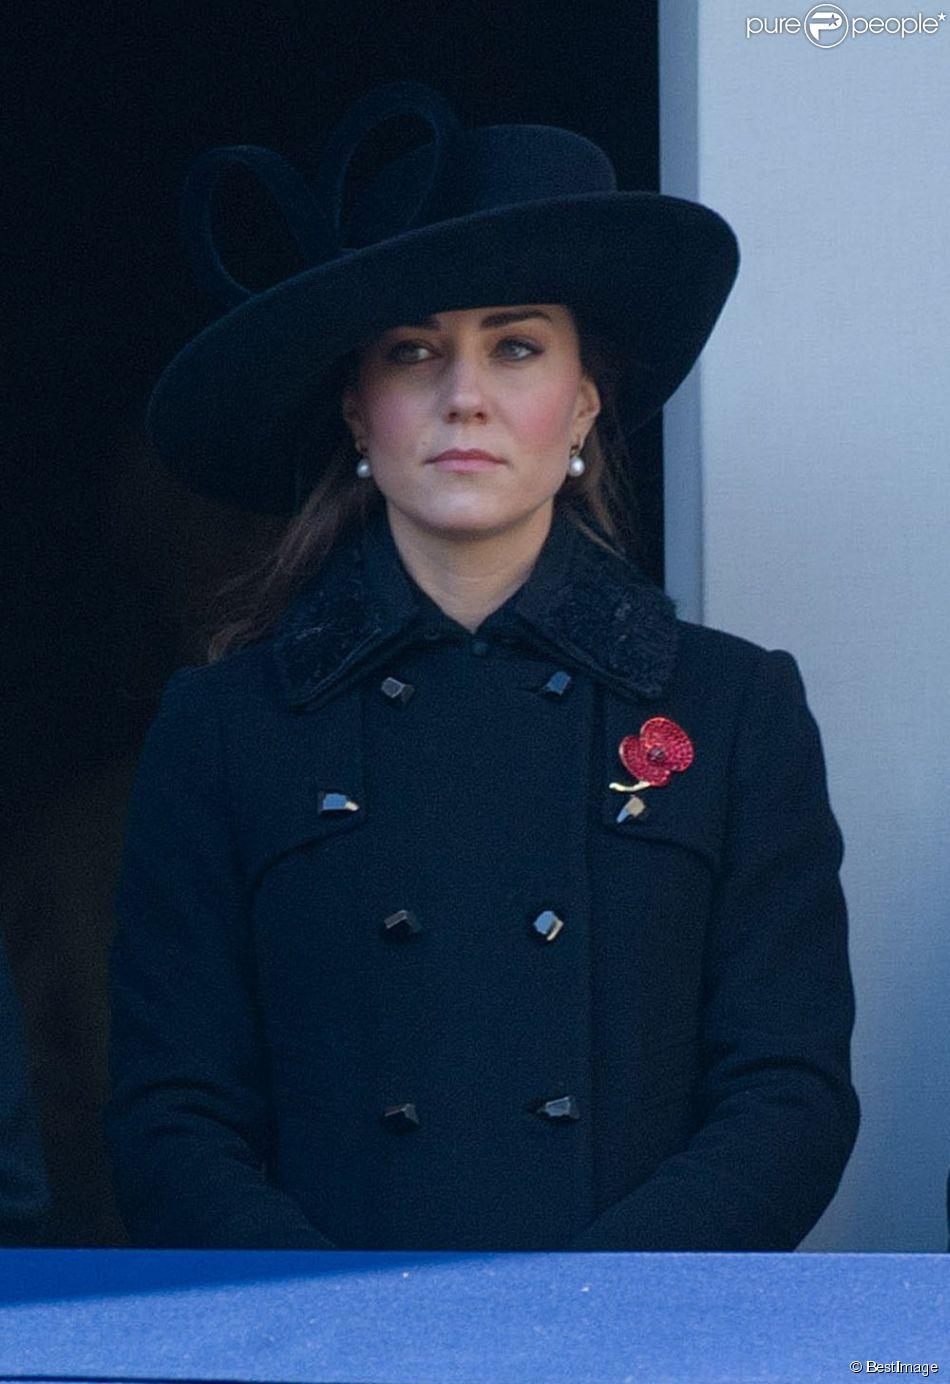 Kate Middleton lors des commemorations du 11 novembre à Londres au Cenotaph de Whitehall